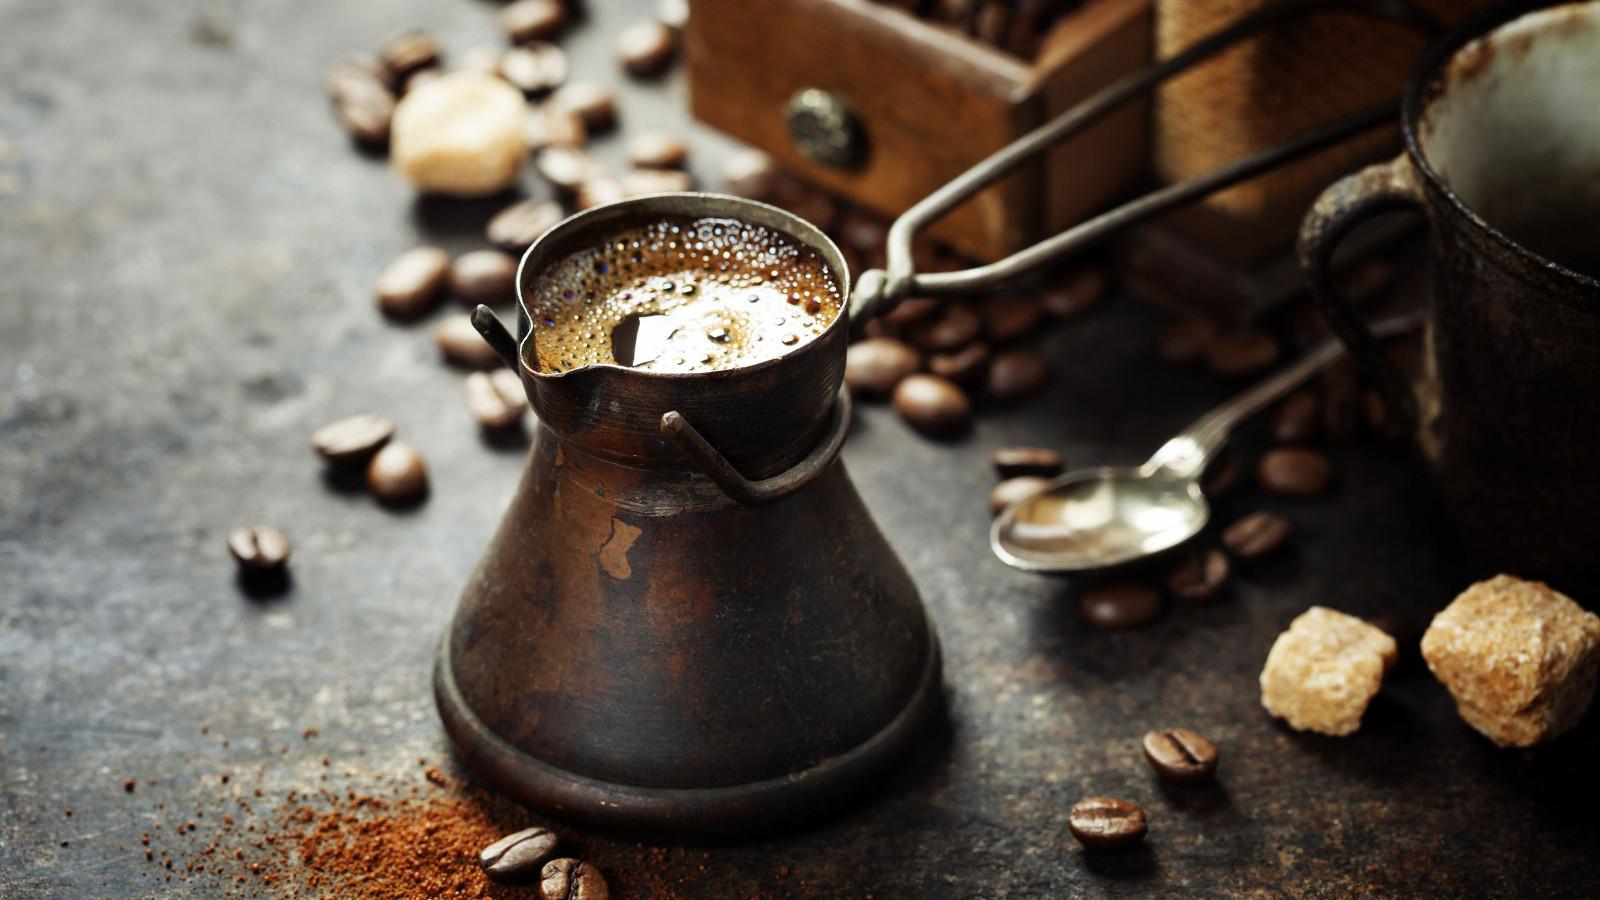 Koffiemolen met koffie